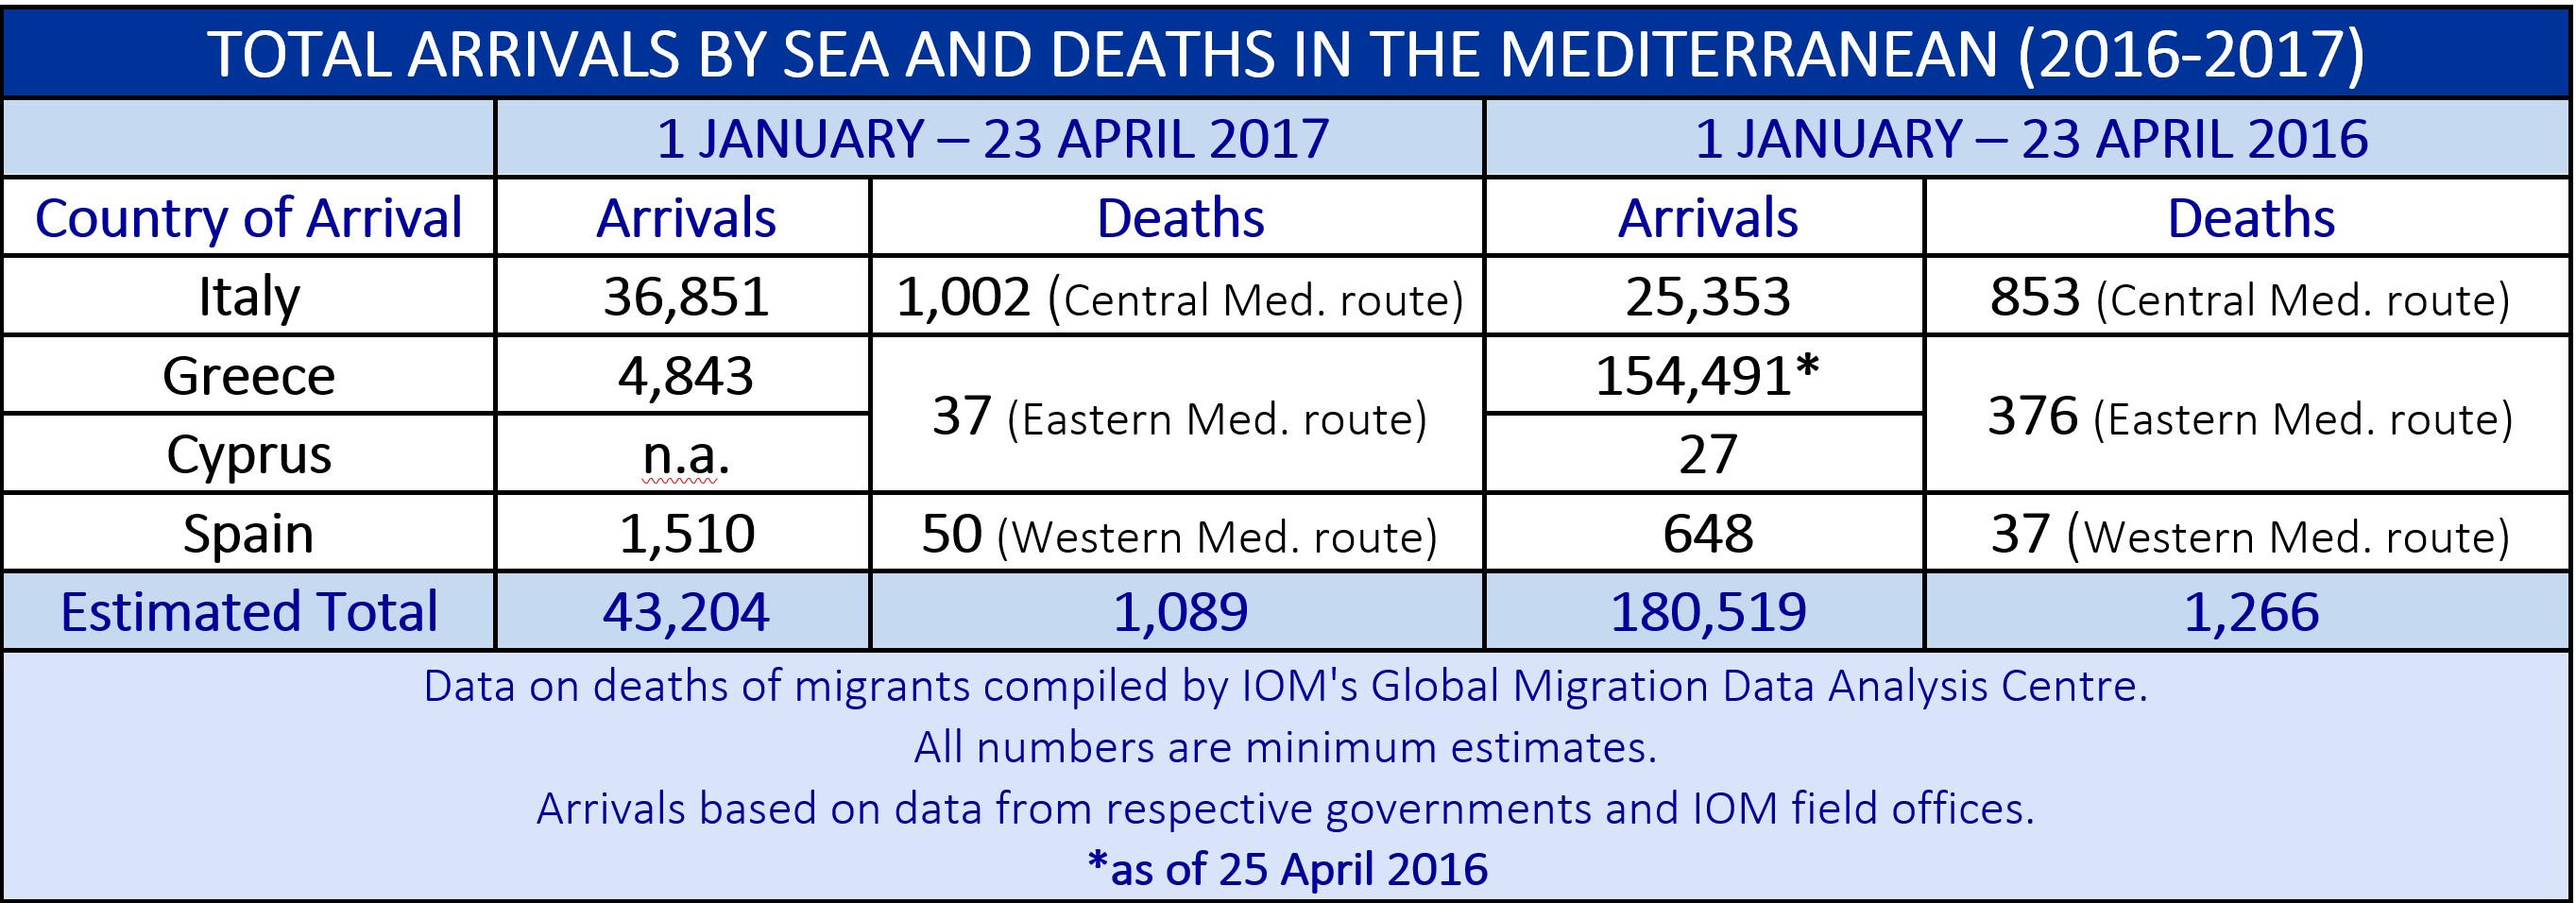 На конец апреля в ЕС по Средиземному морю перебралось 43 тыс. мигрантов